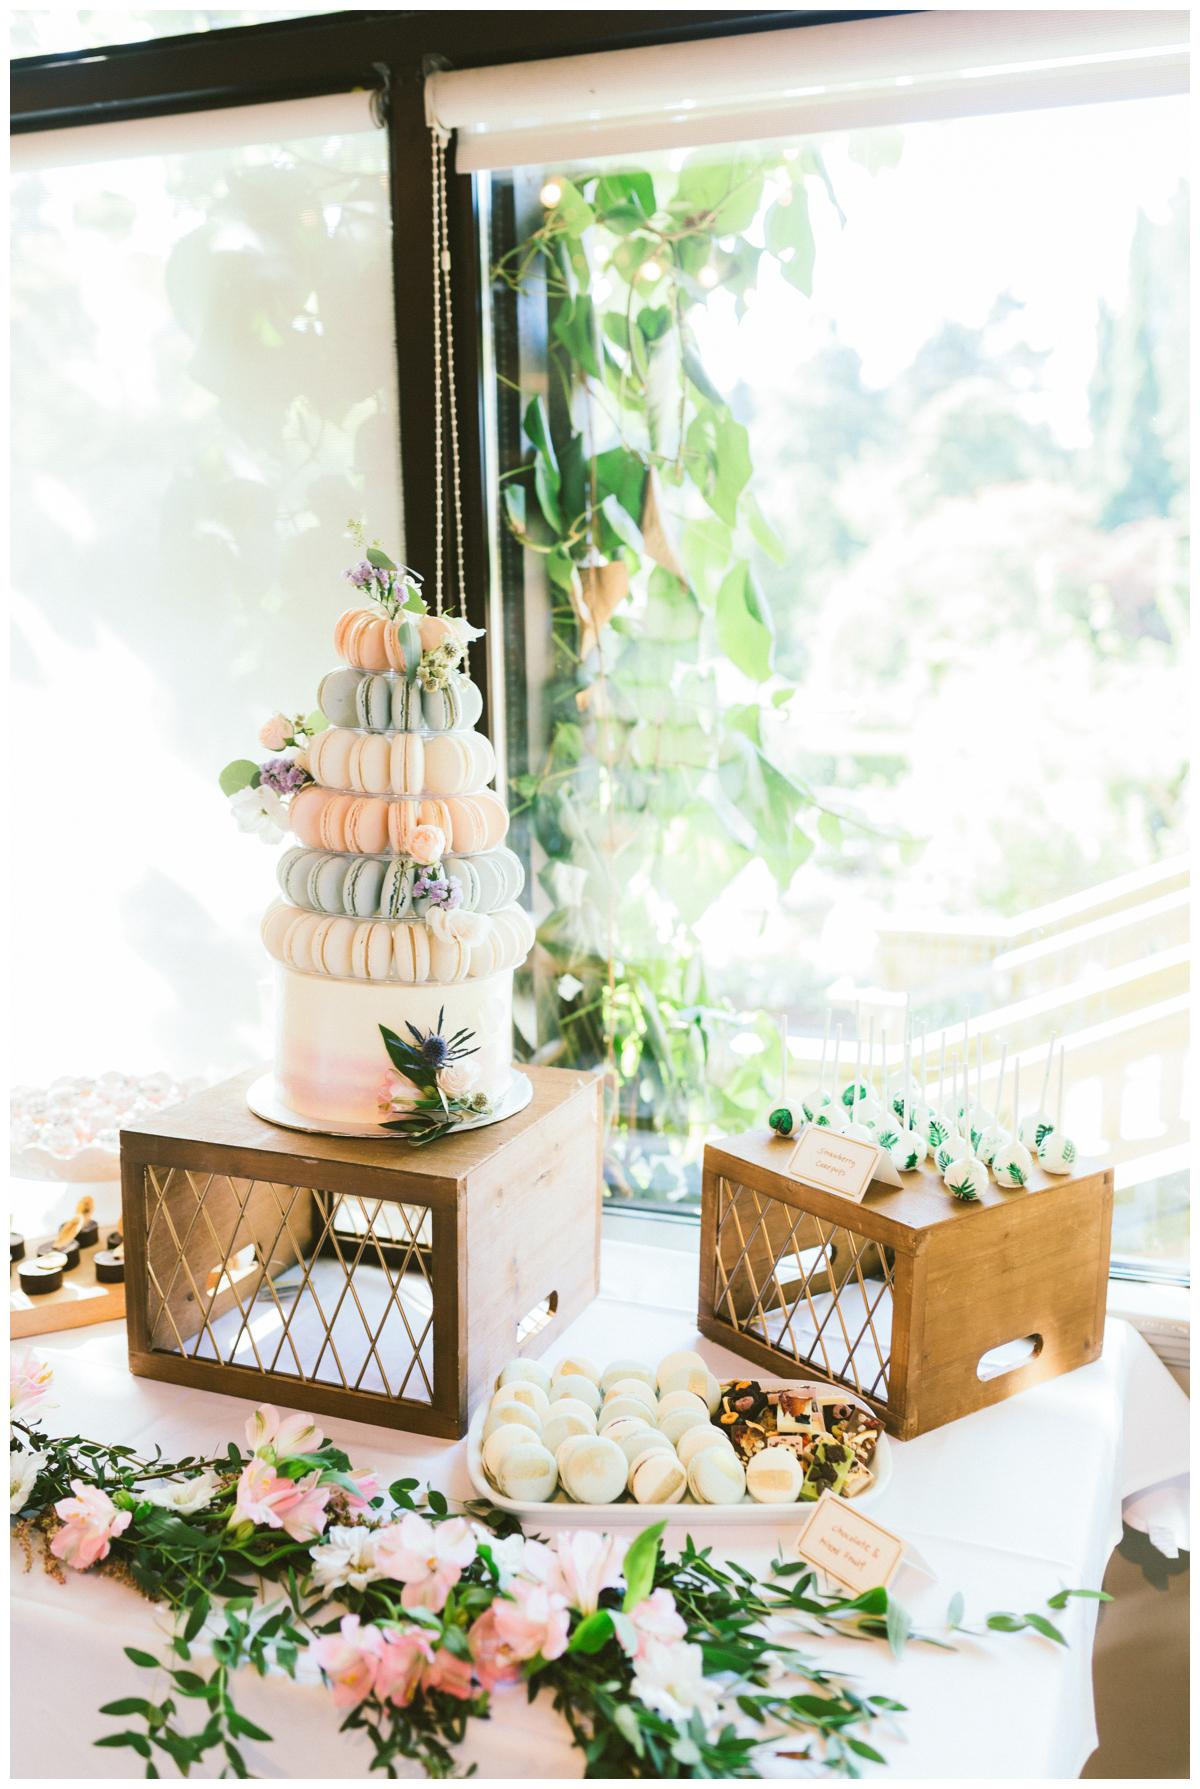 Mattie C. Hong Kong Vancouver Fine Art Wedding Prewedding Photographer 56.jpg